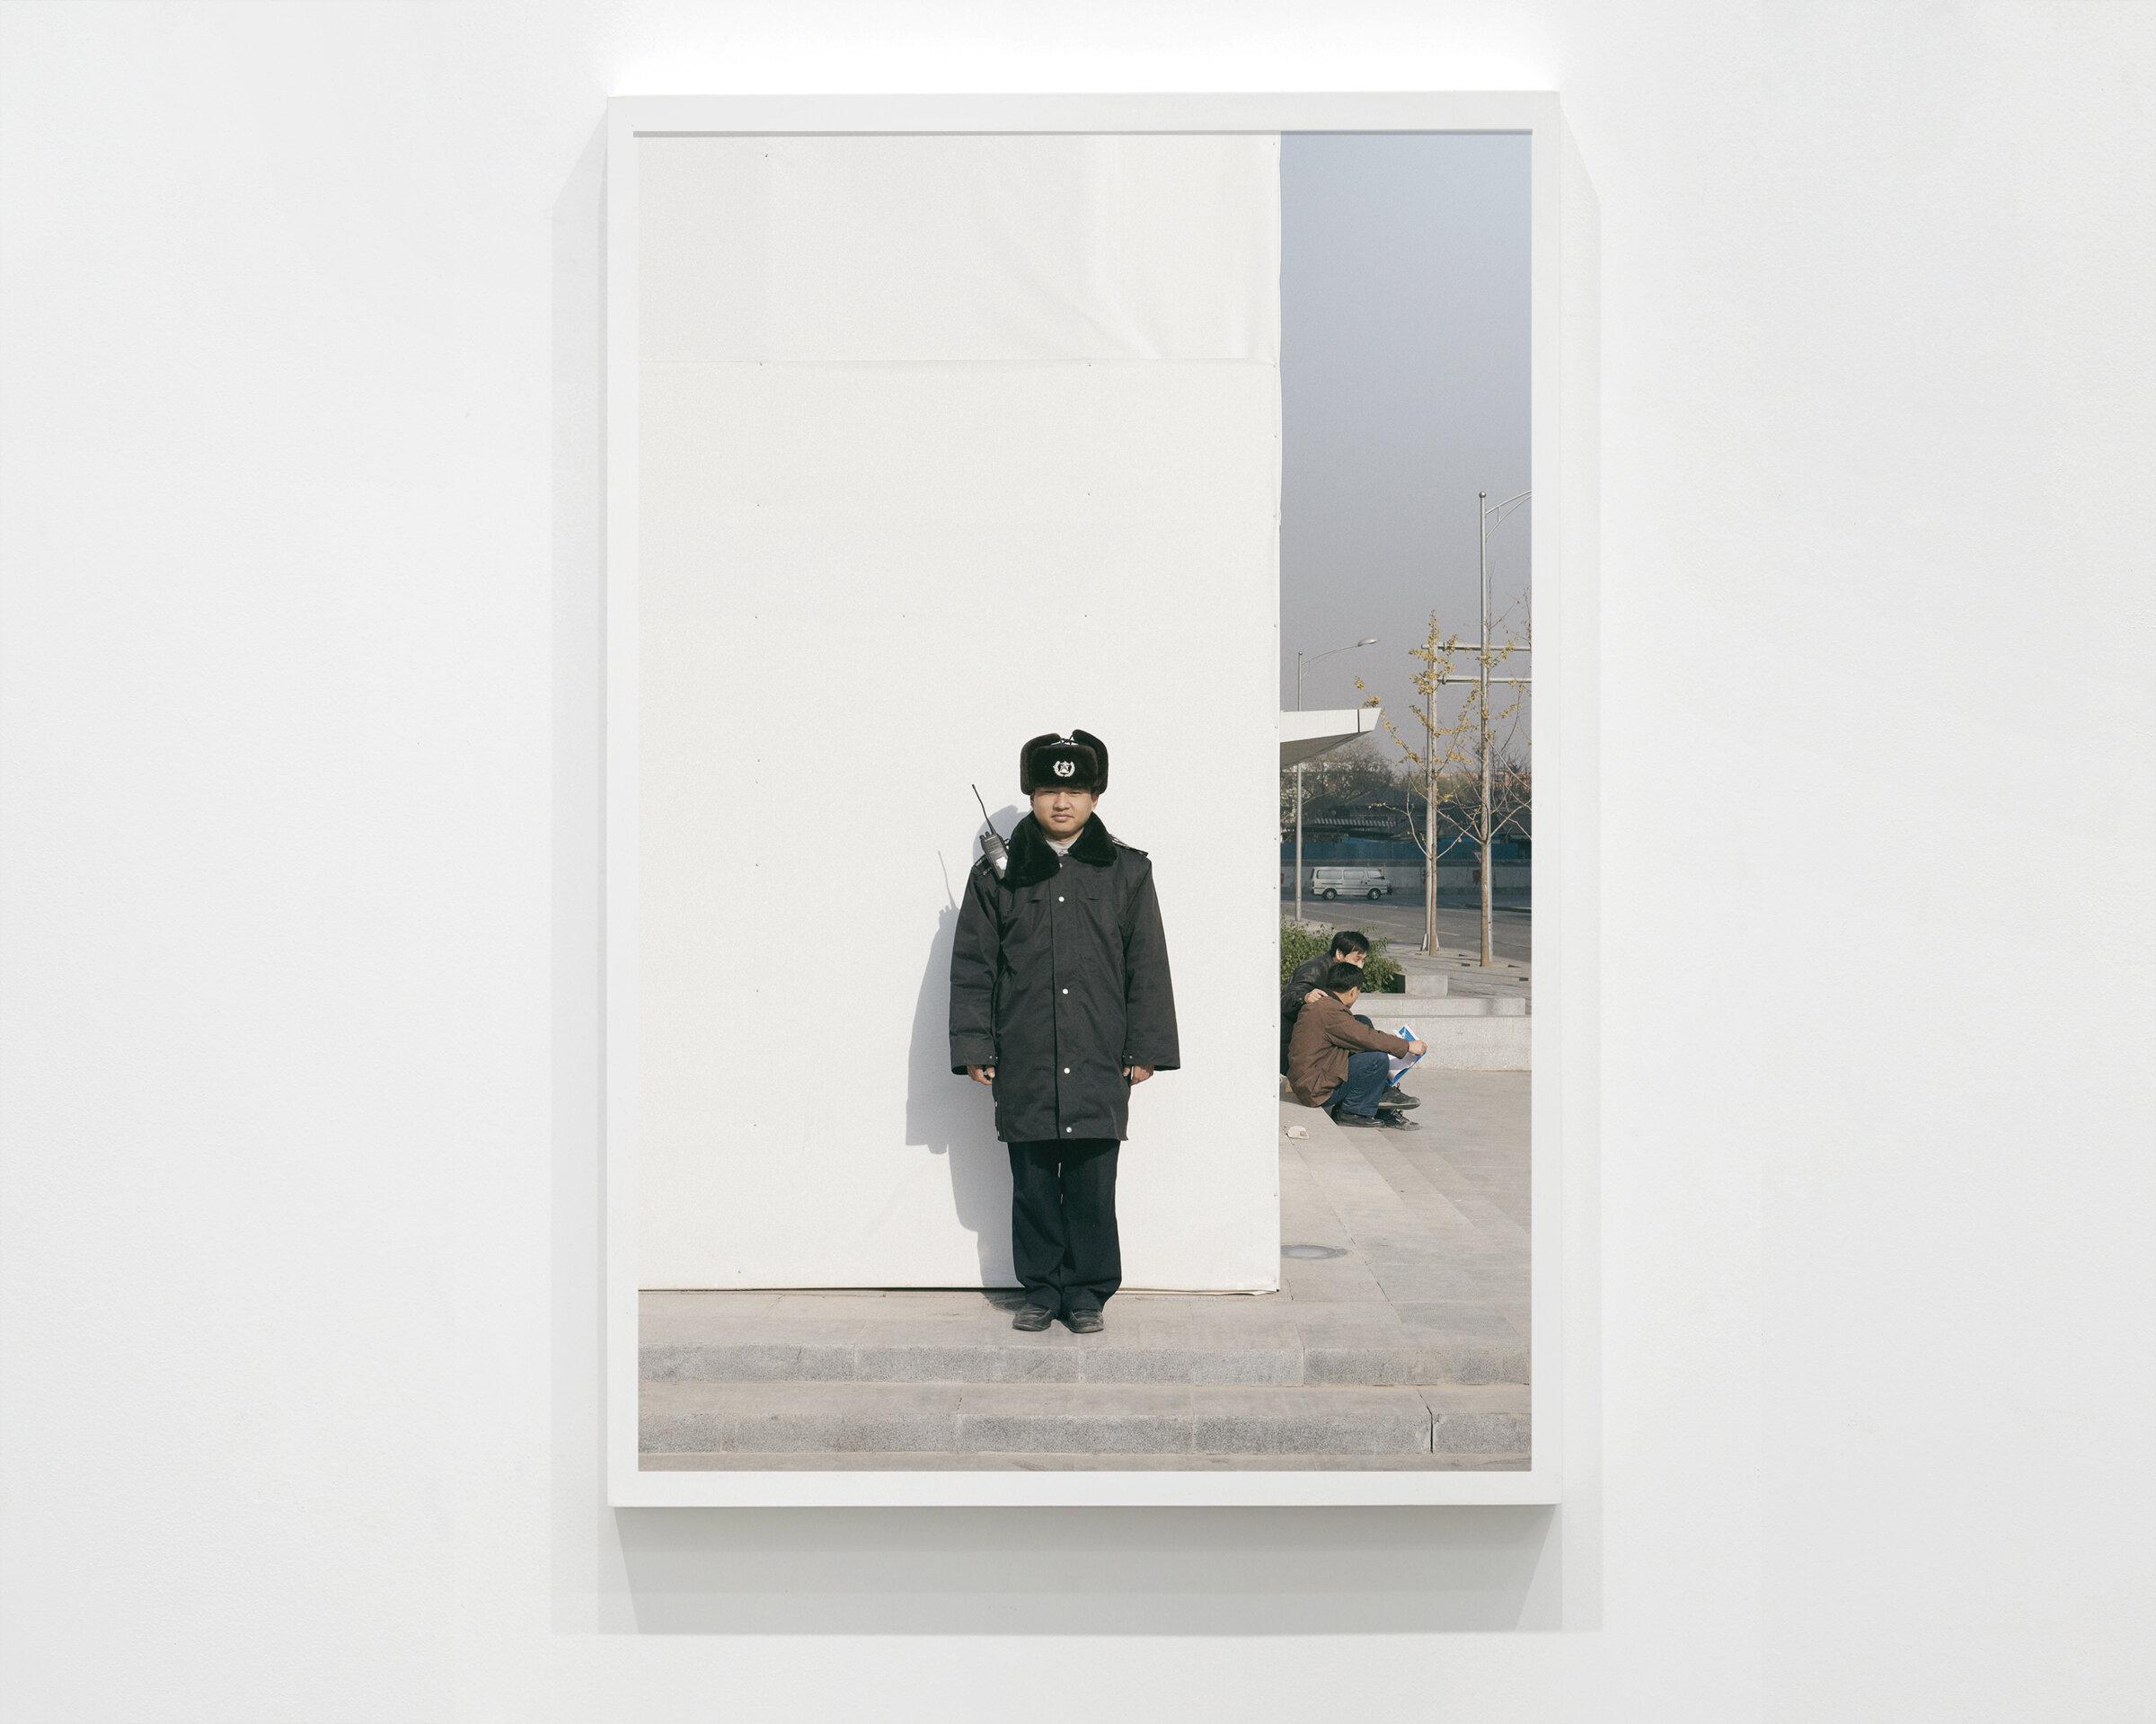 Pacific Distance (Beijing #1), 2009  36 x 24 in (91.44 x 60.96 cm)